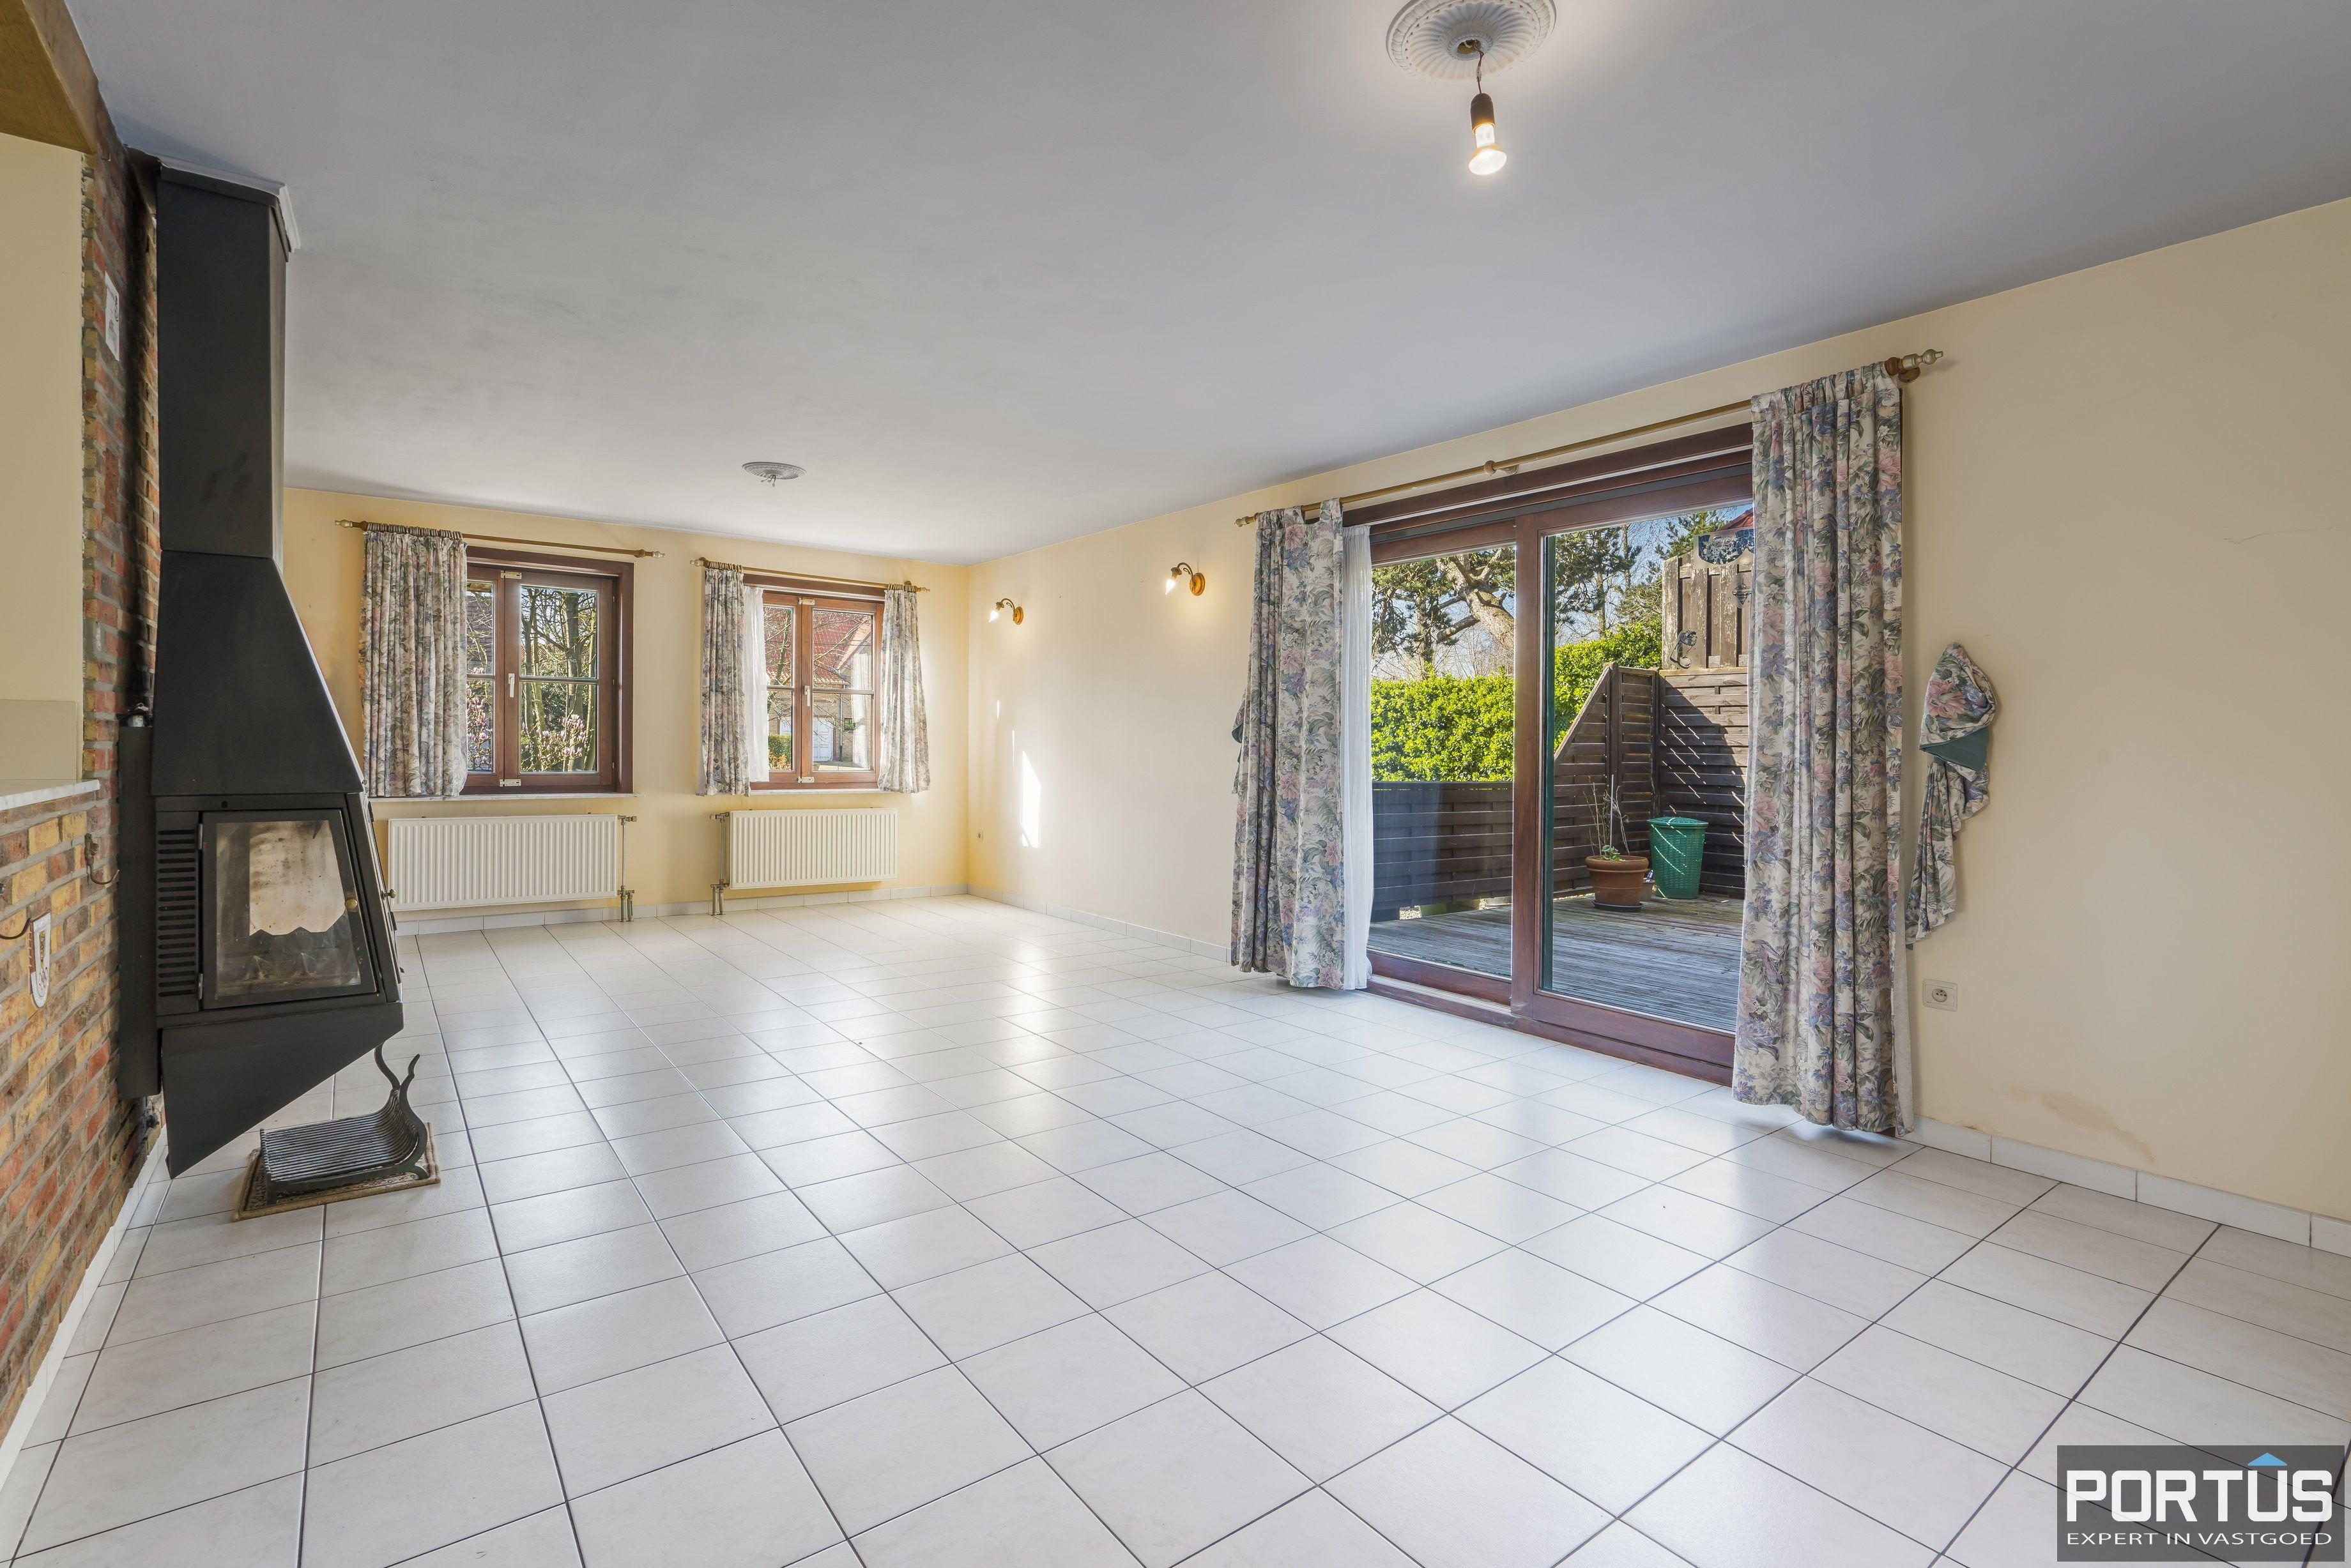 Villa te koop met 3 slaapkamers te Nieuwpoort - 13071